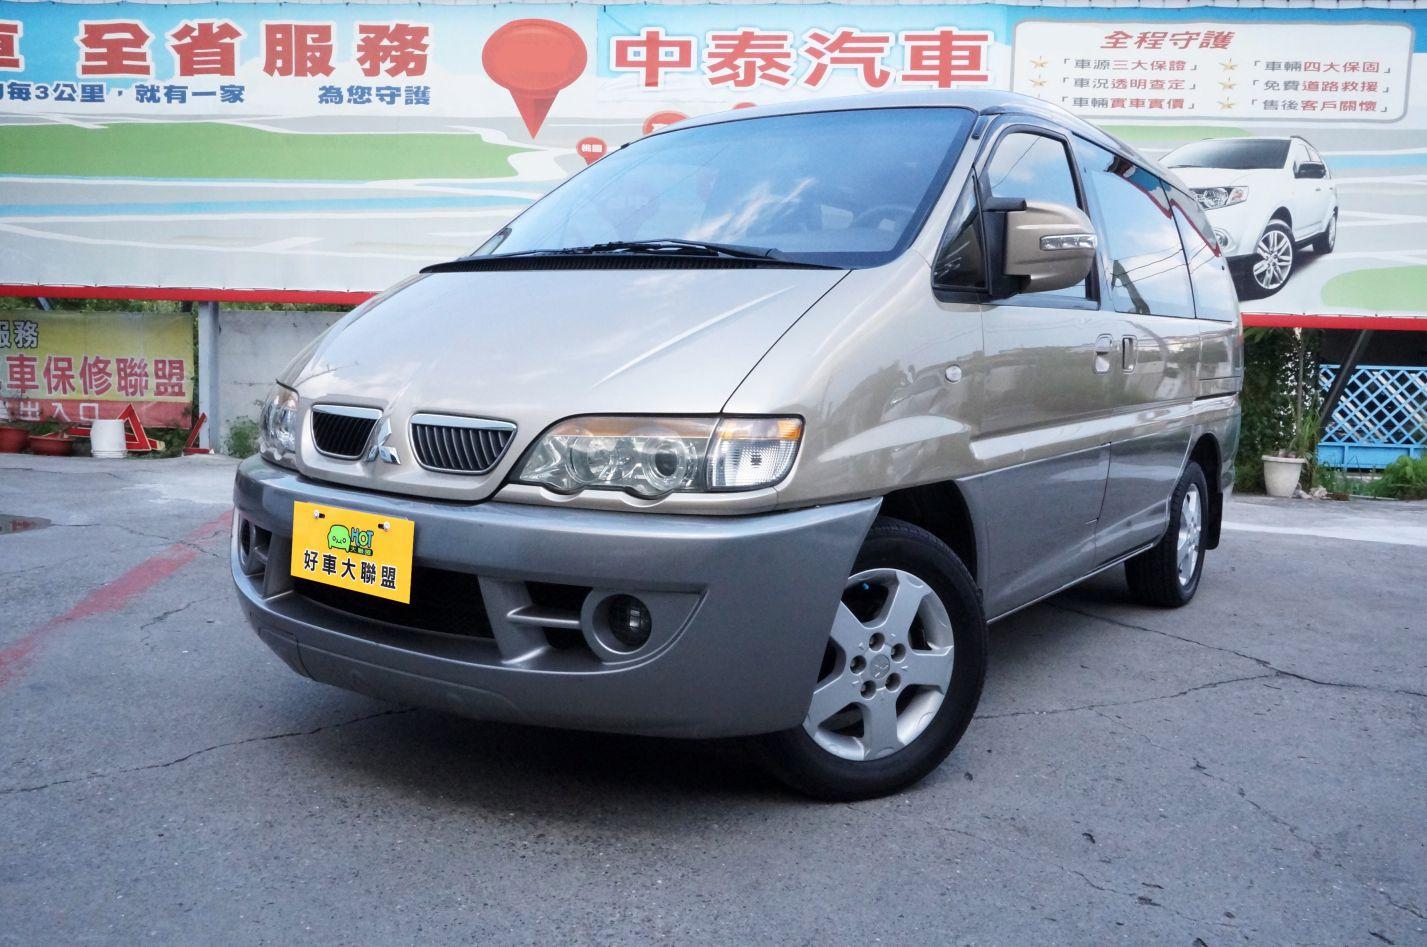 2006 Mitsubishi 三菱 Space gear